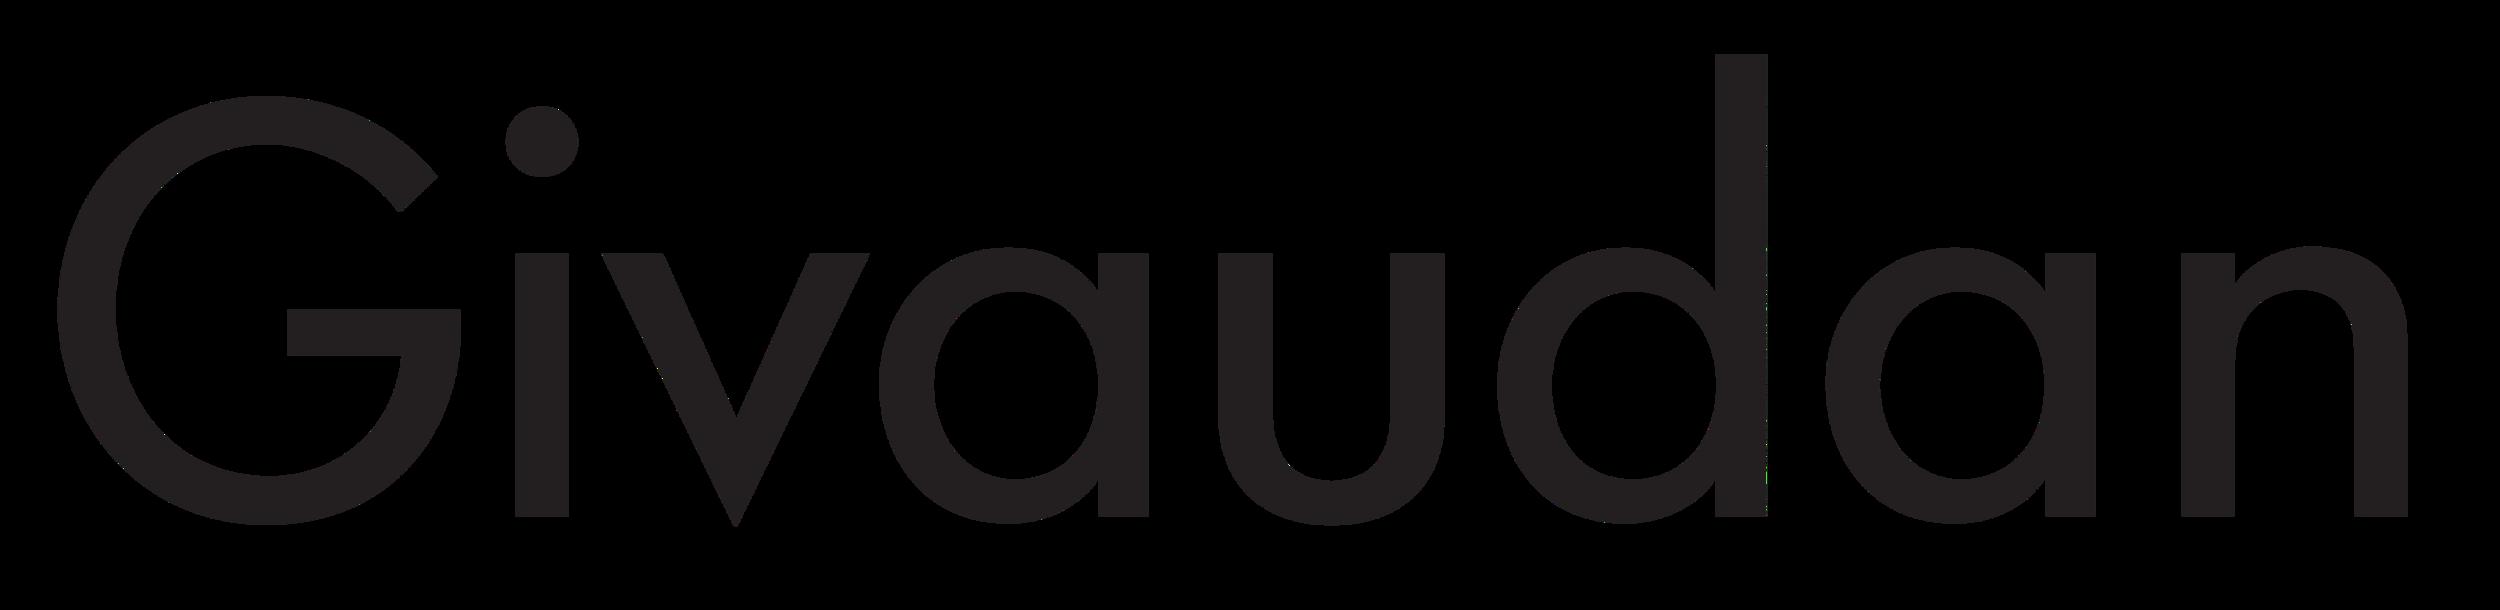 Givaudan_logo_logotype.png